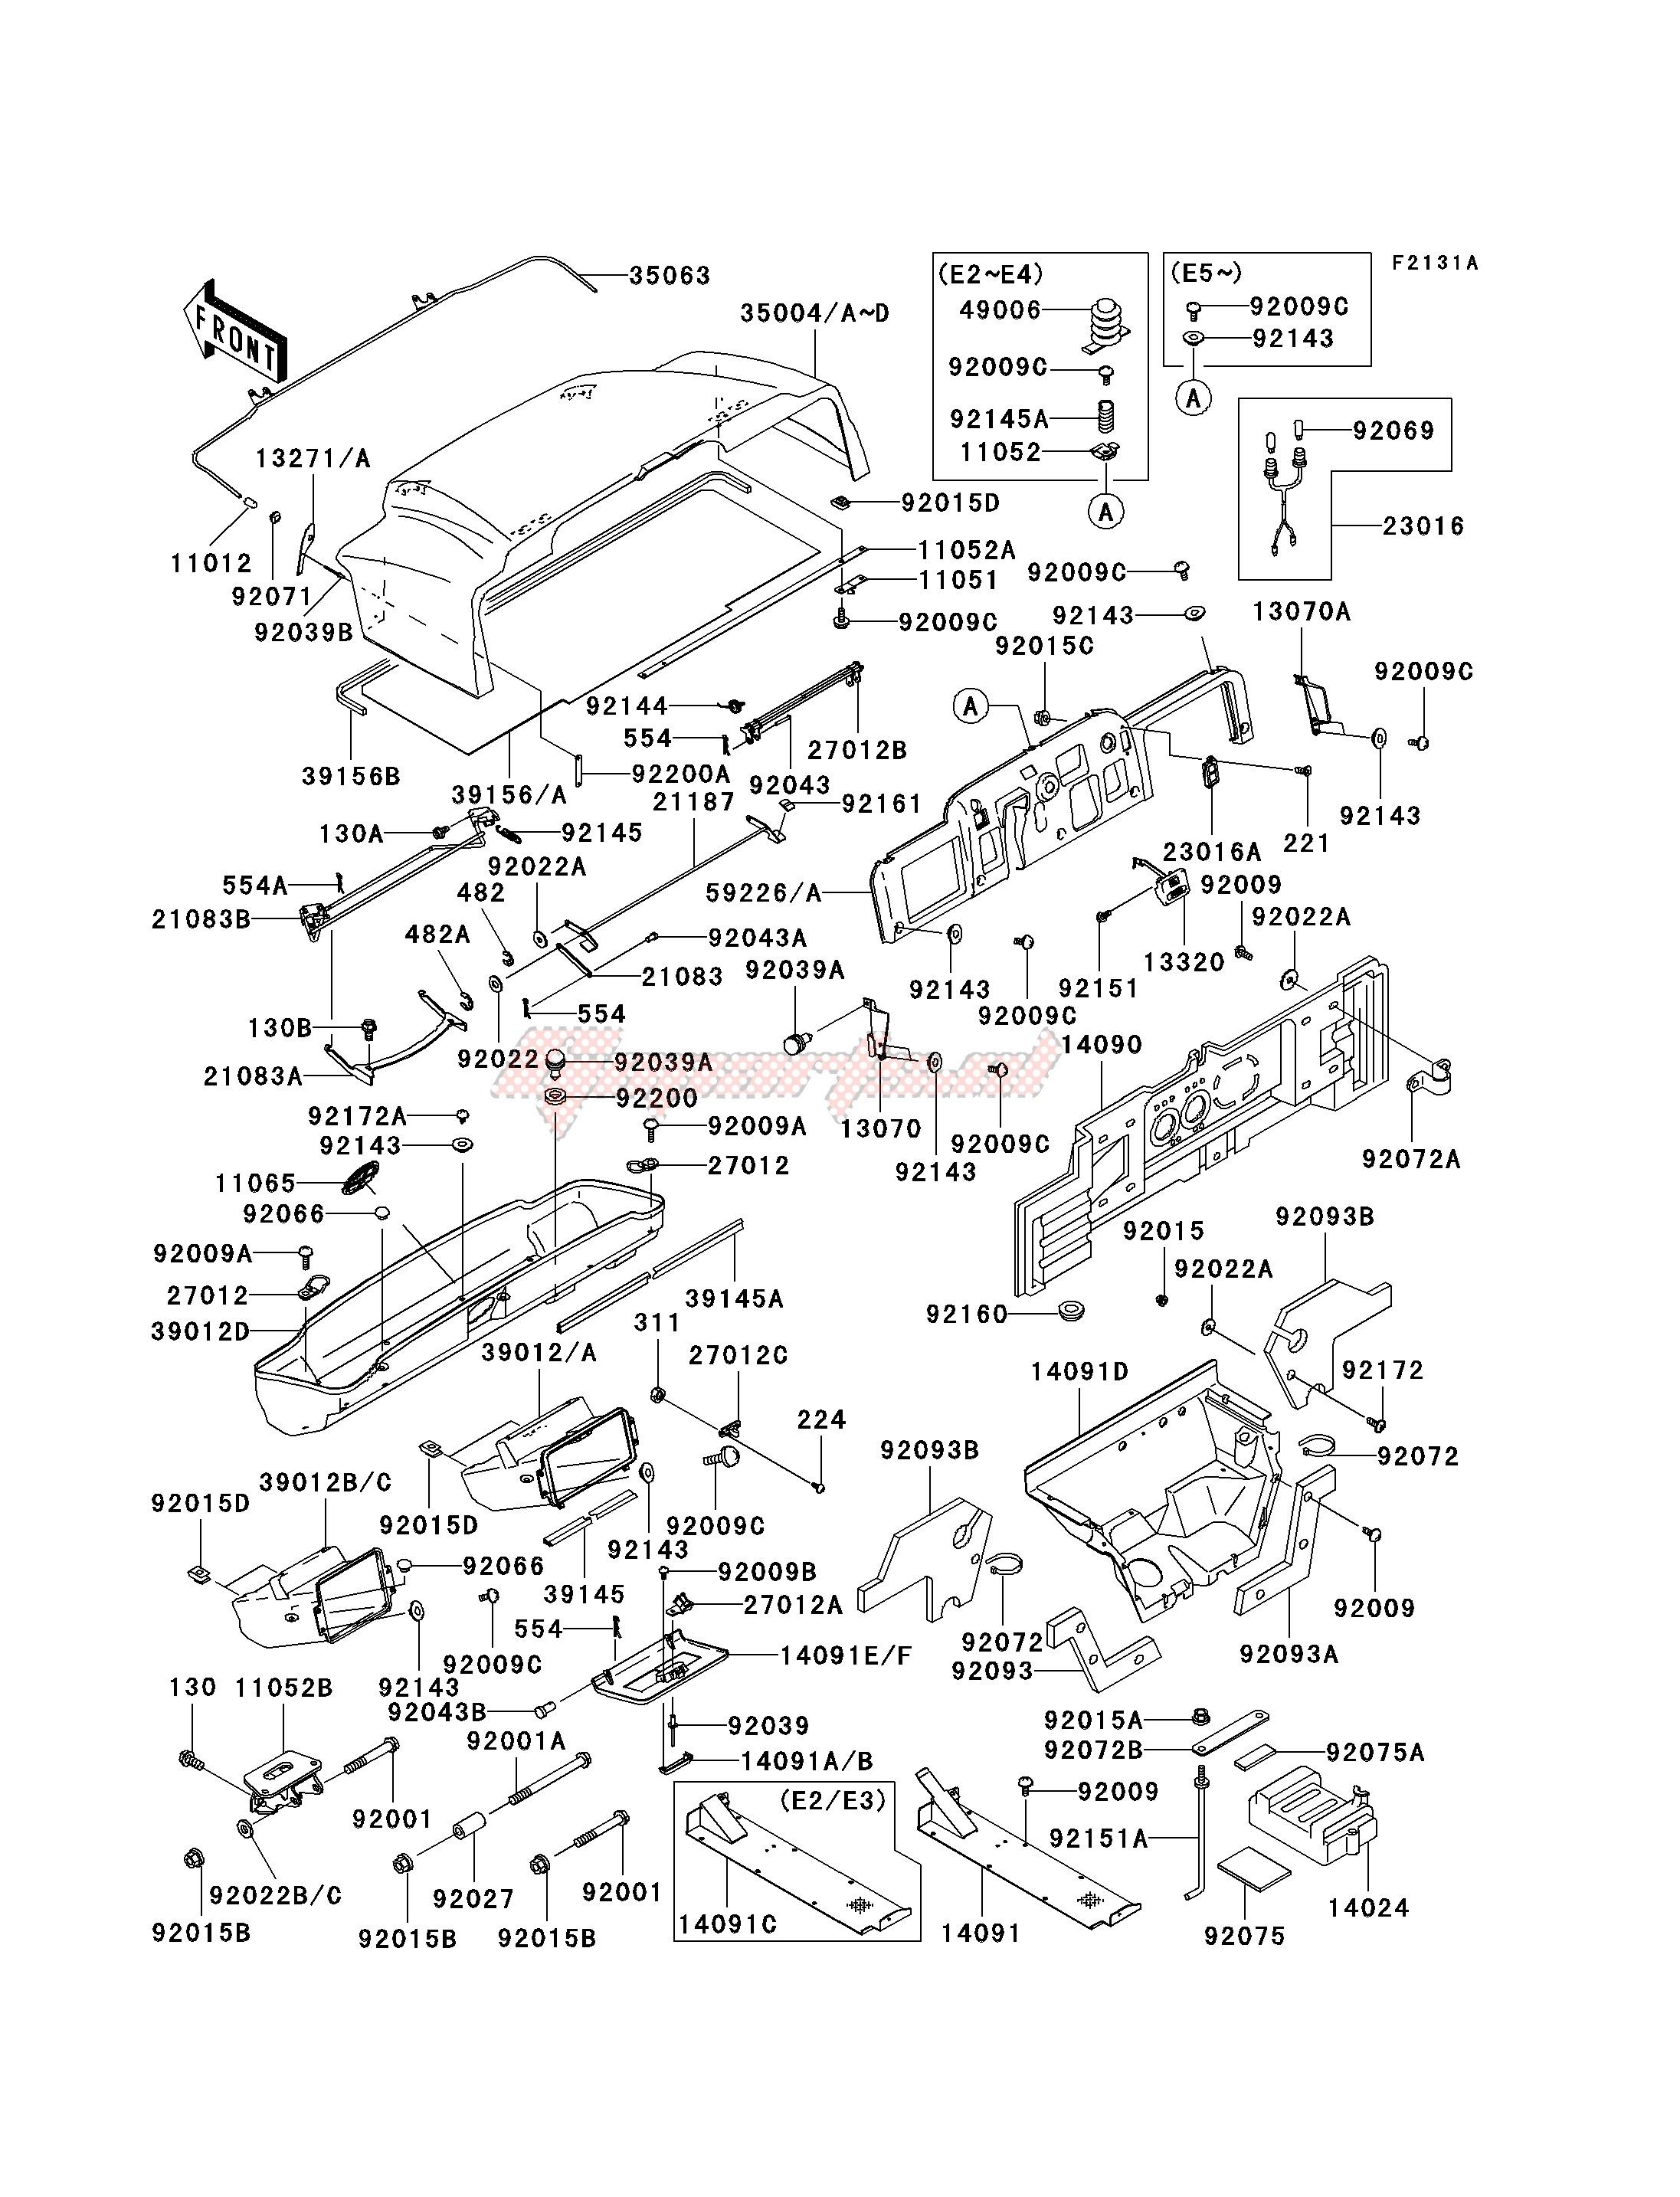 FRAME FITTINGS -- KAF620-E2 - E5- - image